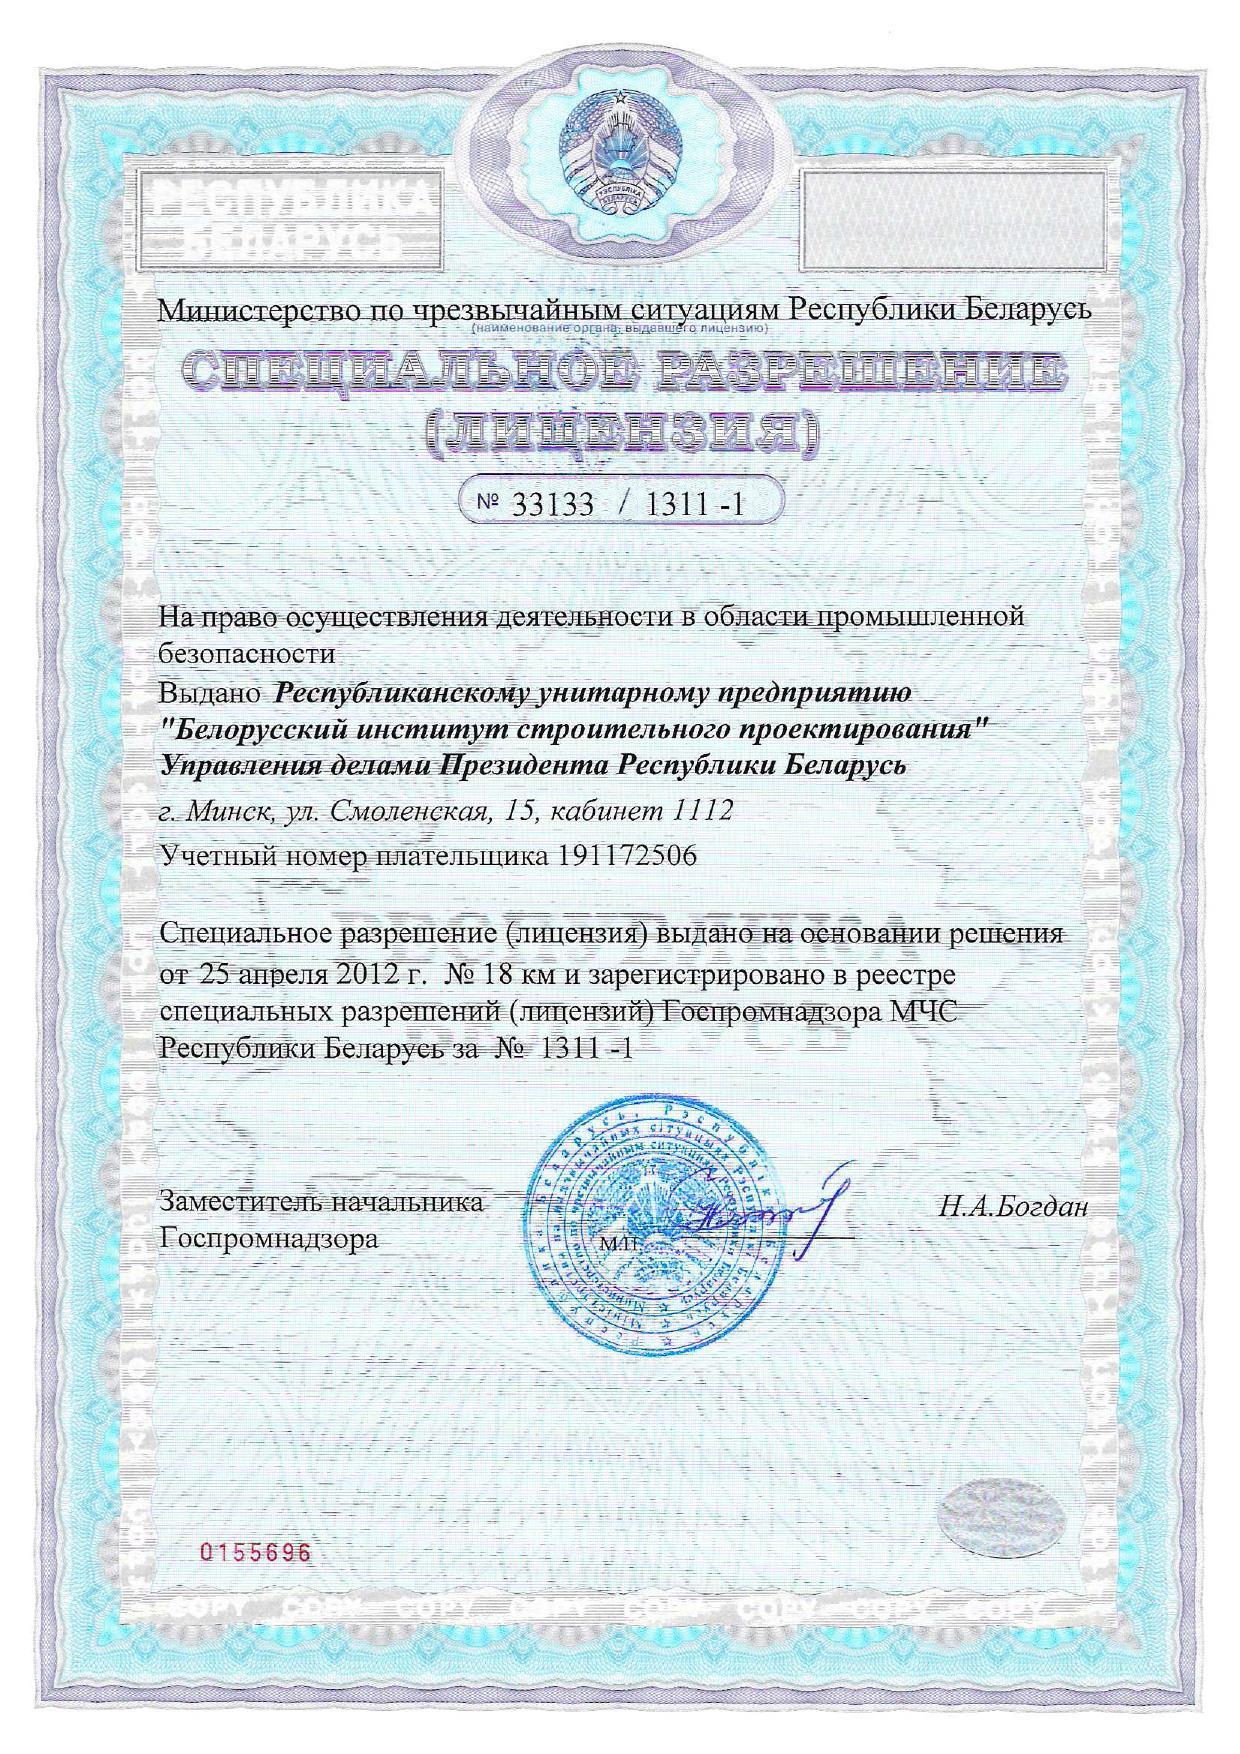 7 Лицензия МЧС (проектирование объектов газораспределительной системы, котельных)